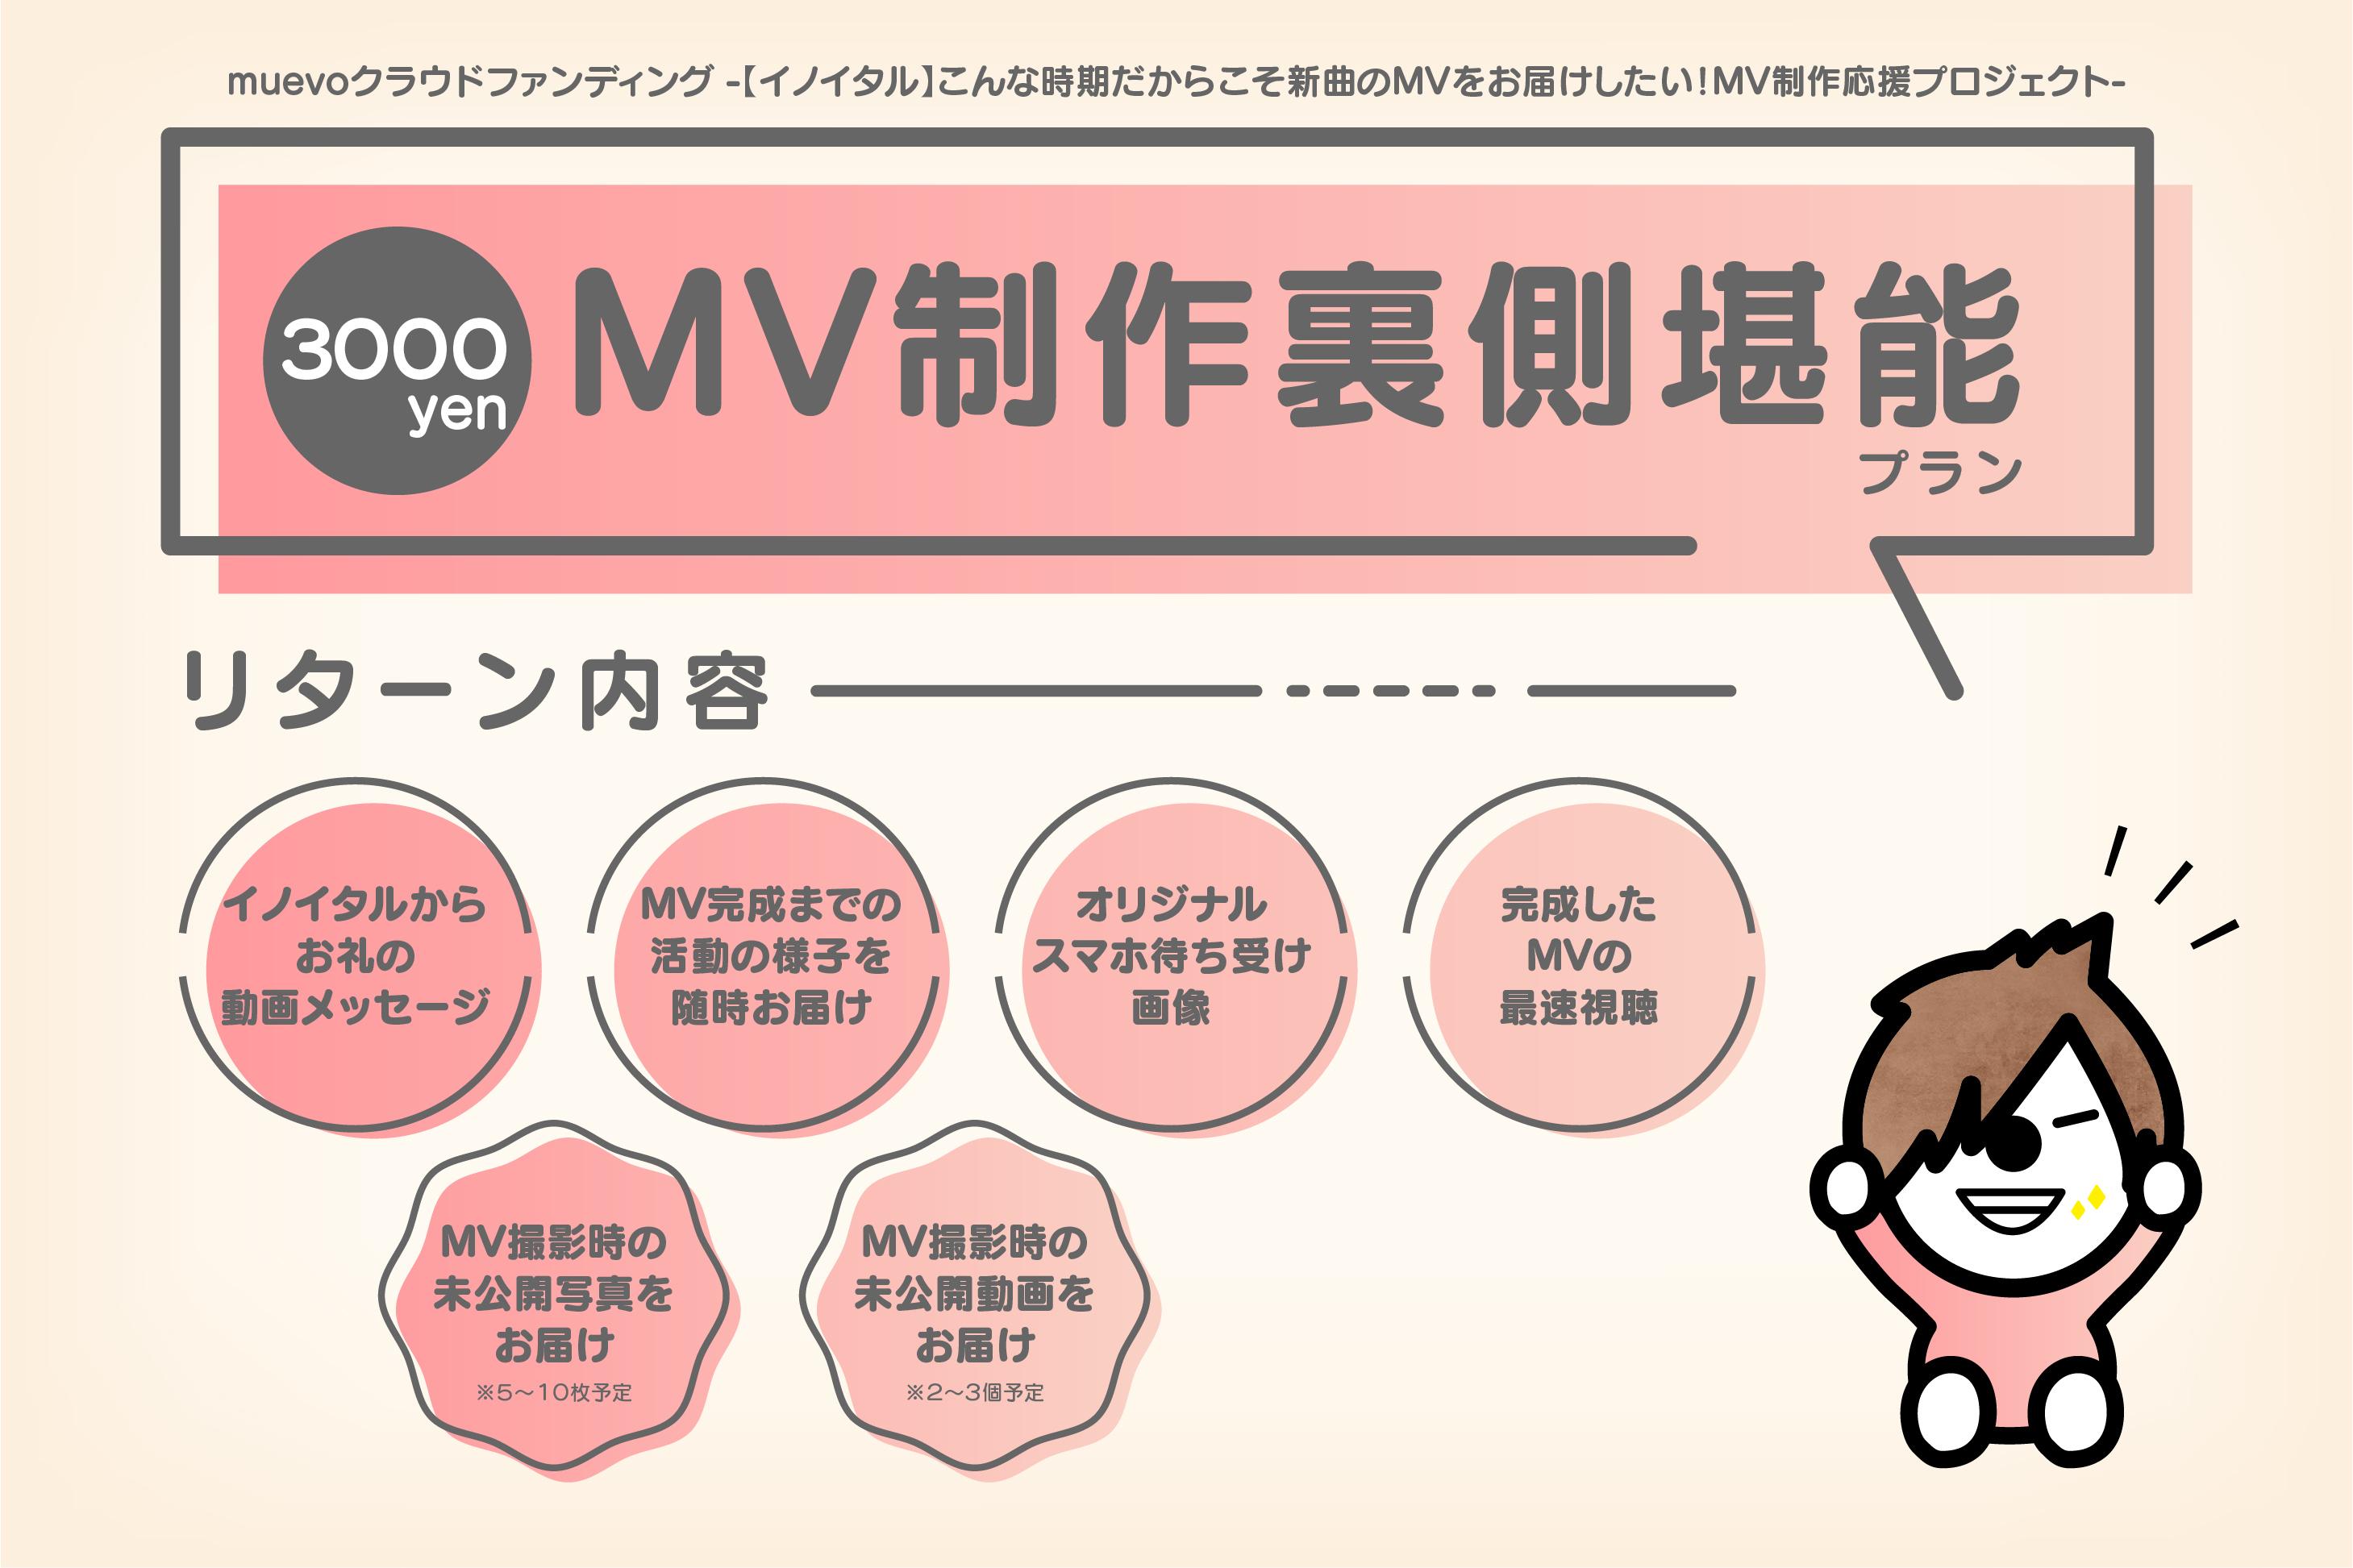 <MV製作裏側堪能 プラン>